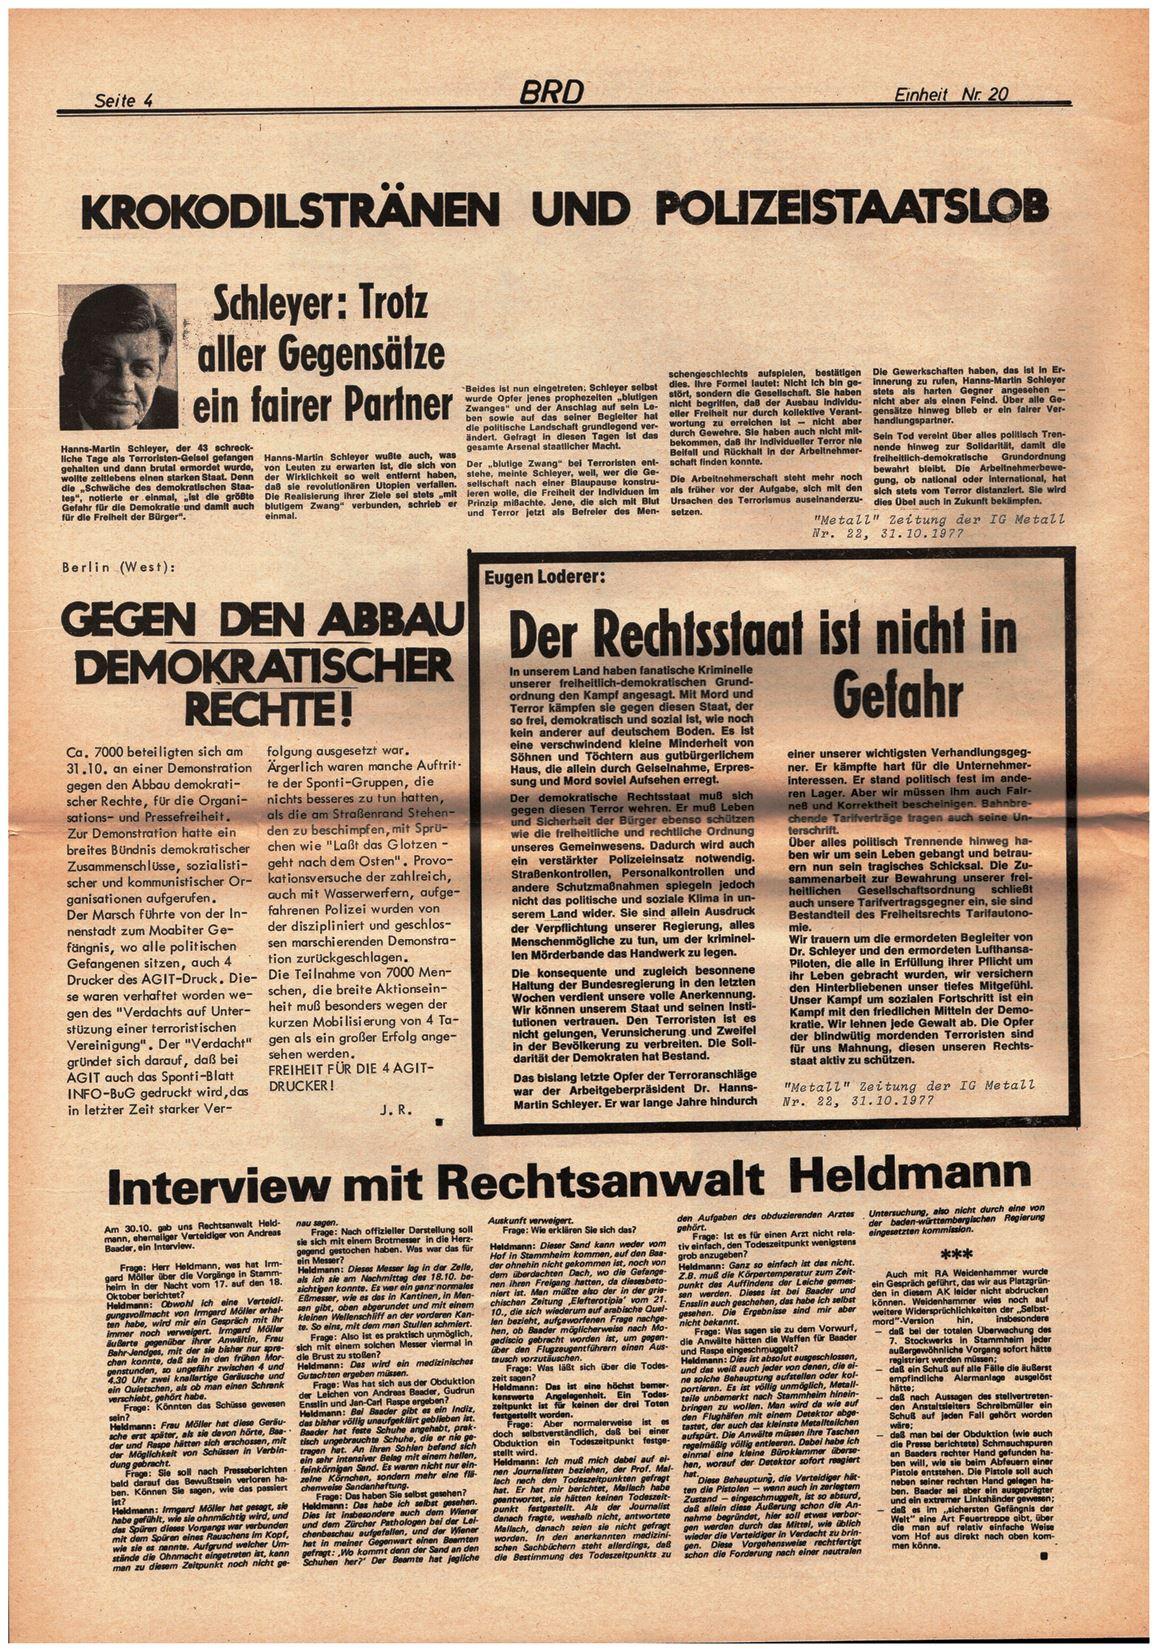 Koeln_IPdA_Einheit_1977_020_004